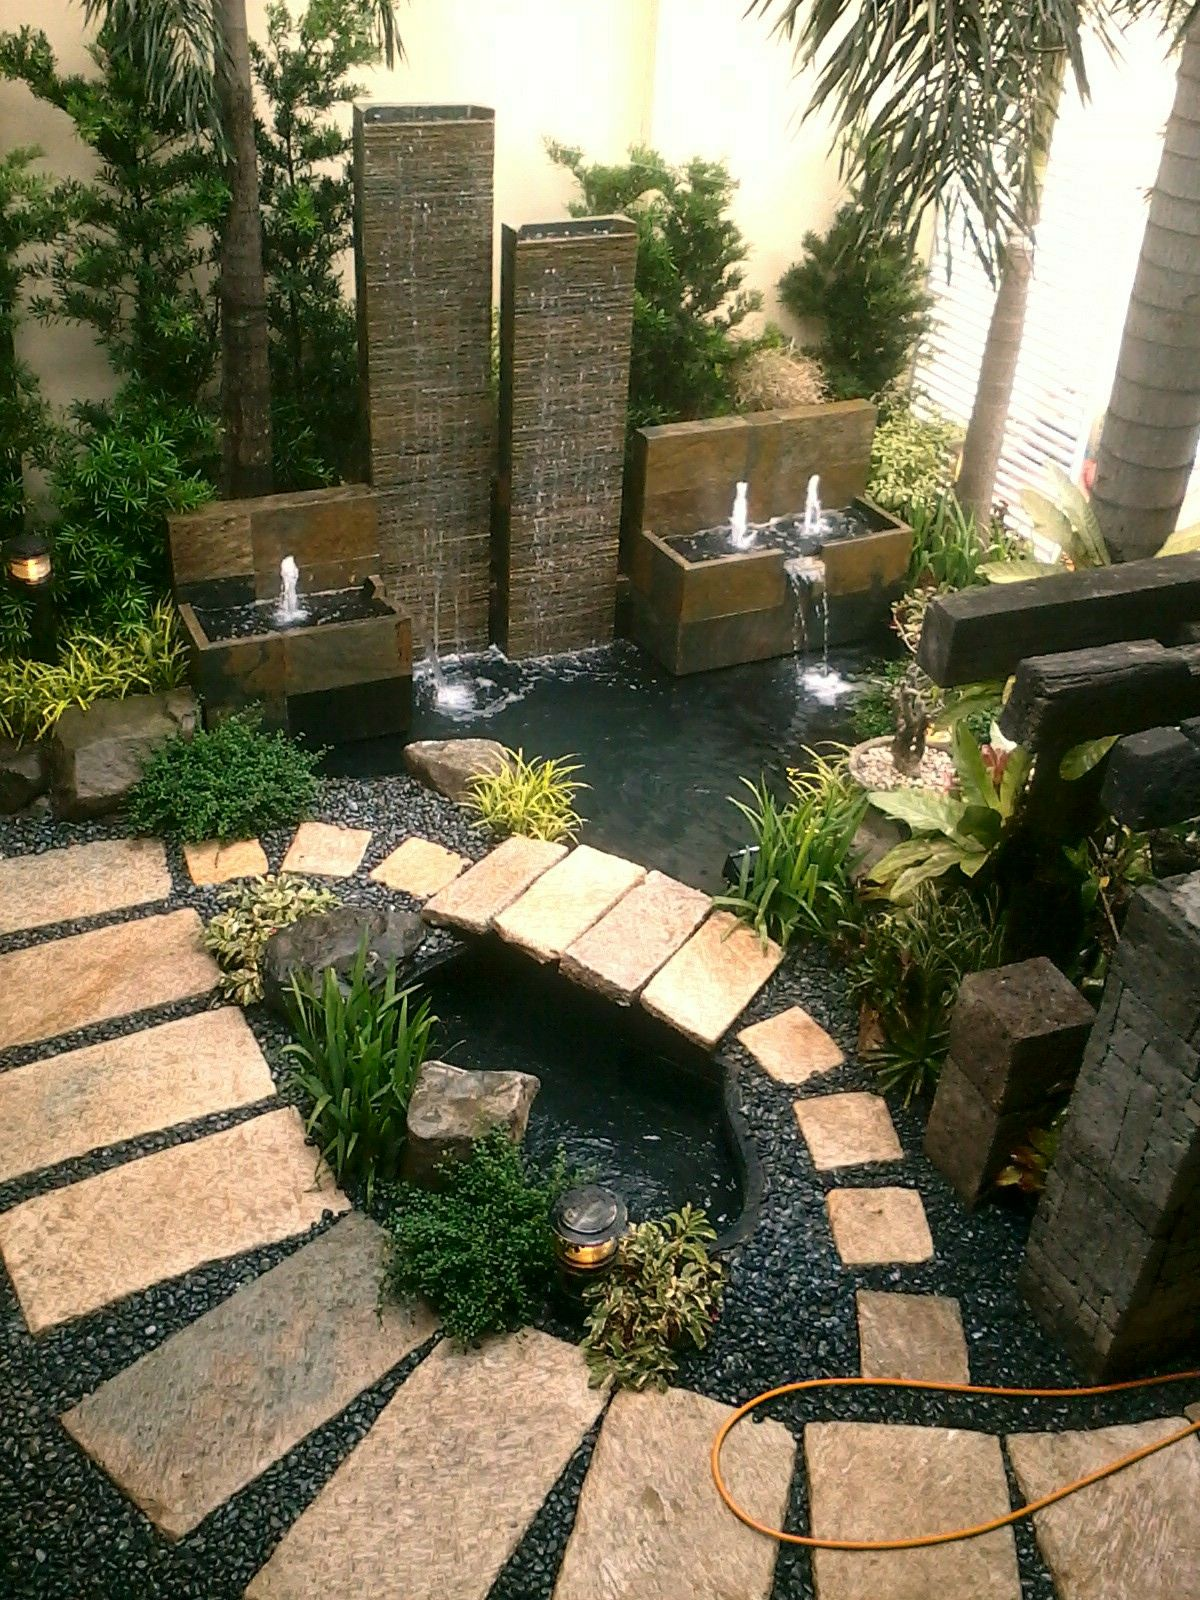 Landscape design ideas philippines | bathroom design 2017-2018 ...